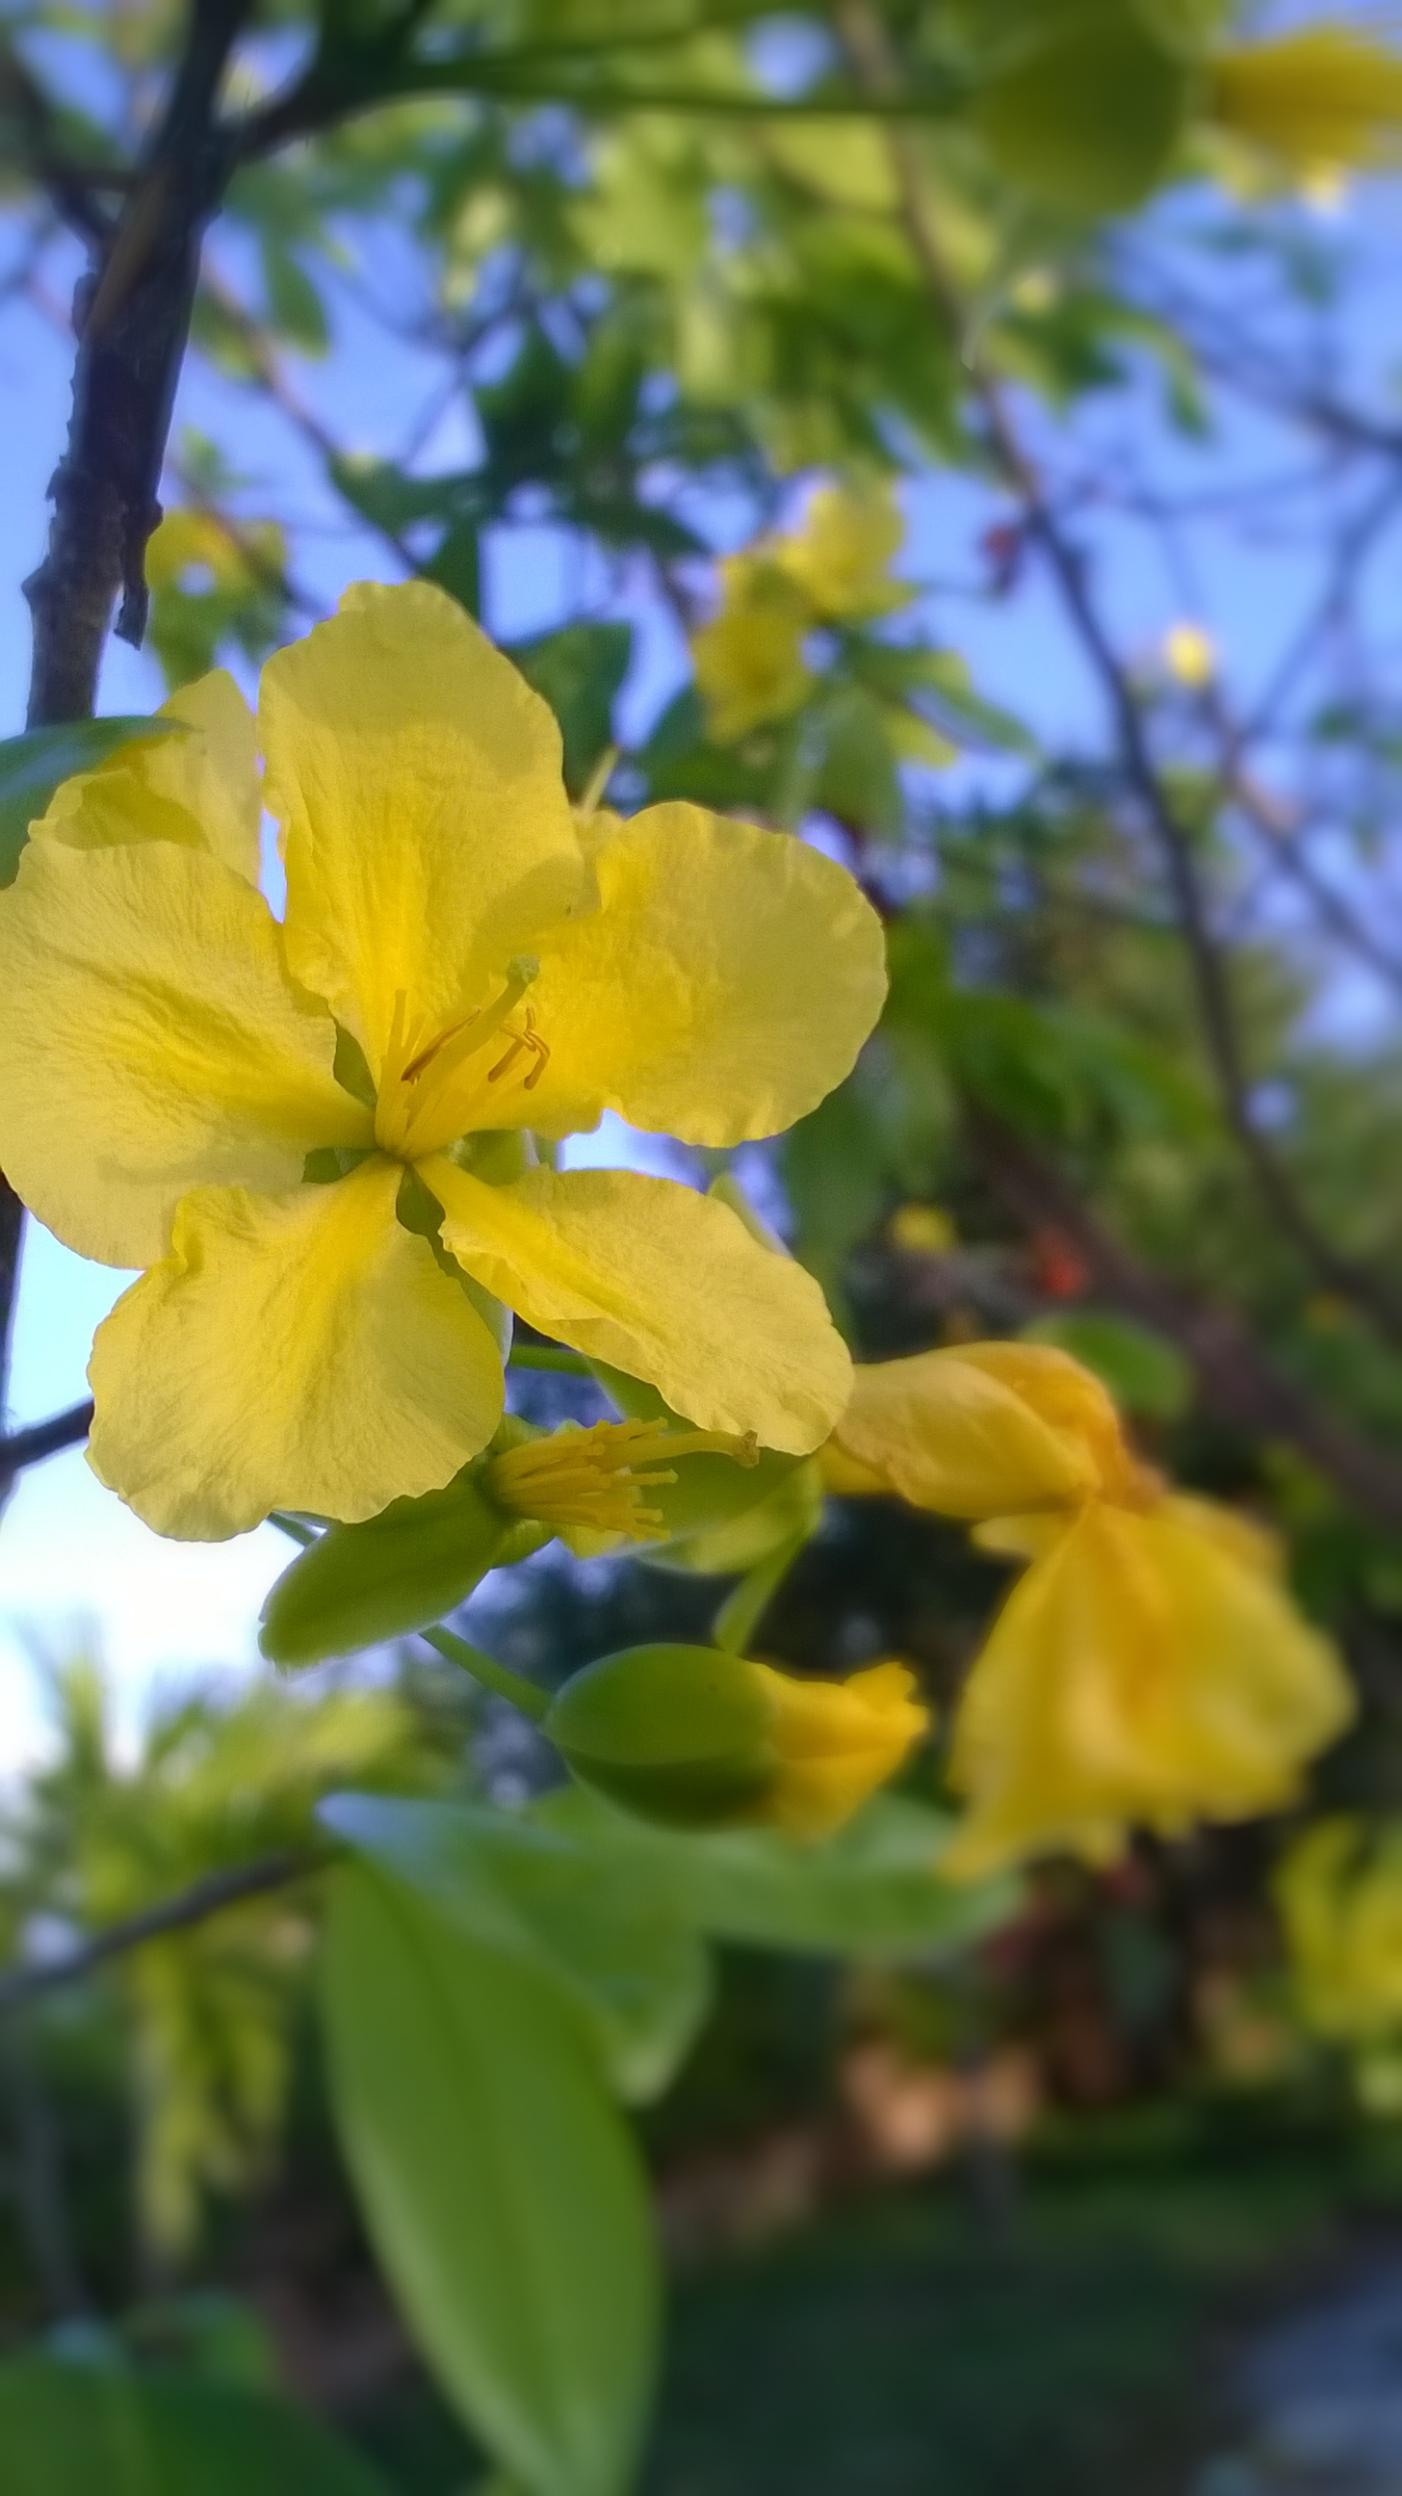 Hình ảnh hai bông hoa mai vàng rất đẹp mắt